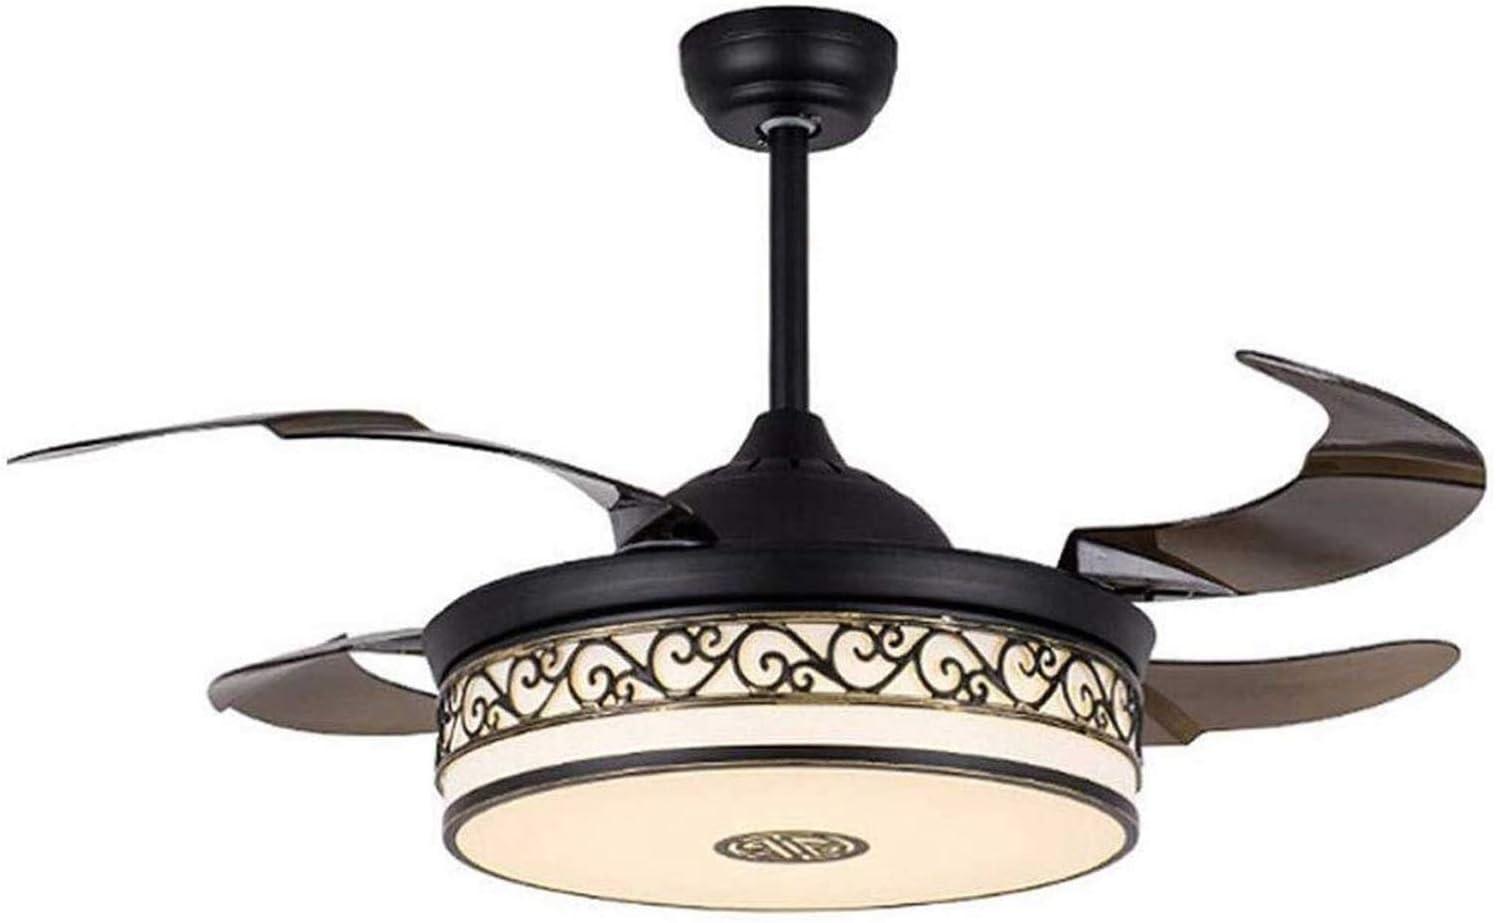 ZCCYMX1996 Lámparas de control remoto, ventilador de techo de la cortina de luz Luz Ventilador LEDDimmable lámpara colgante silencioso motor tela de la lámpara con teledirigido for la sala de estar do